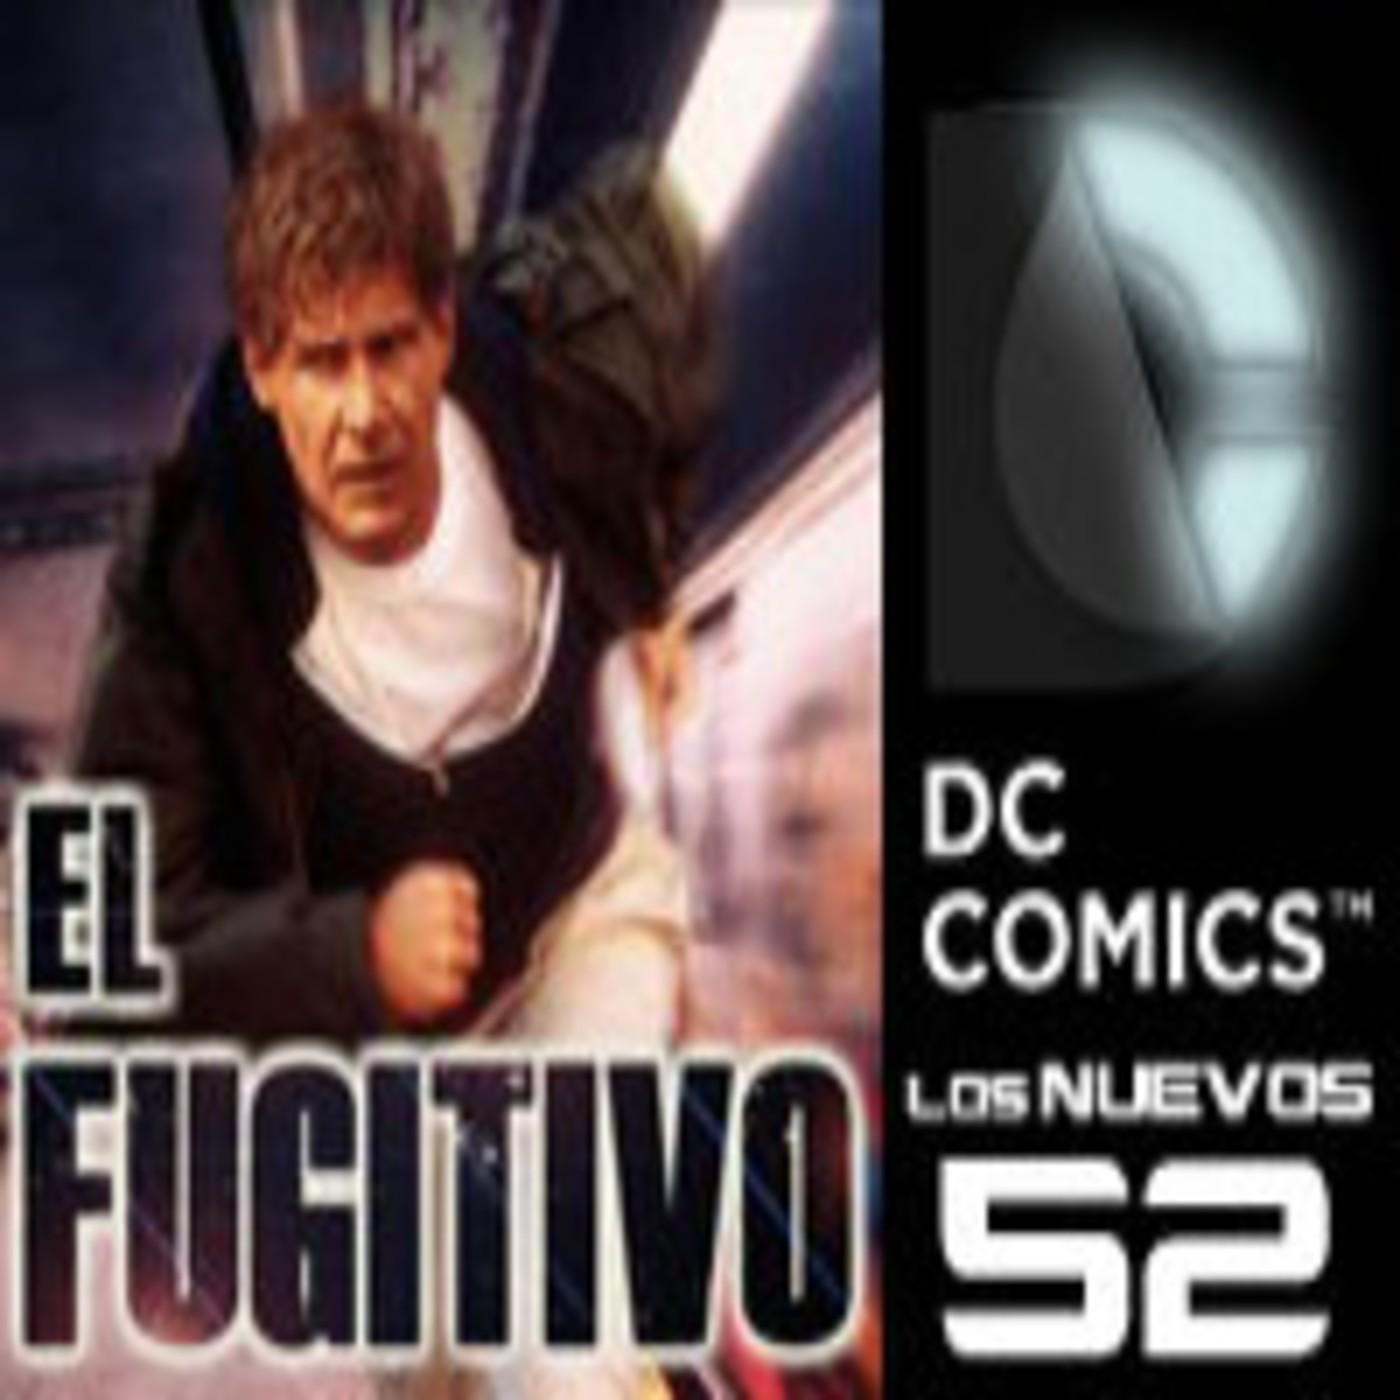 LODE 5x40 EL FUGITIVO, Los Nuevos 52